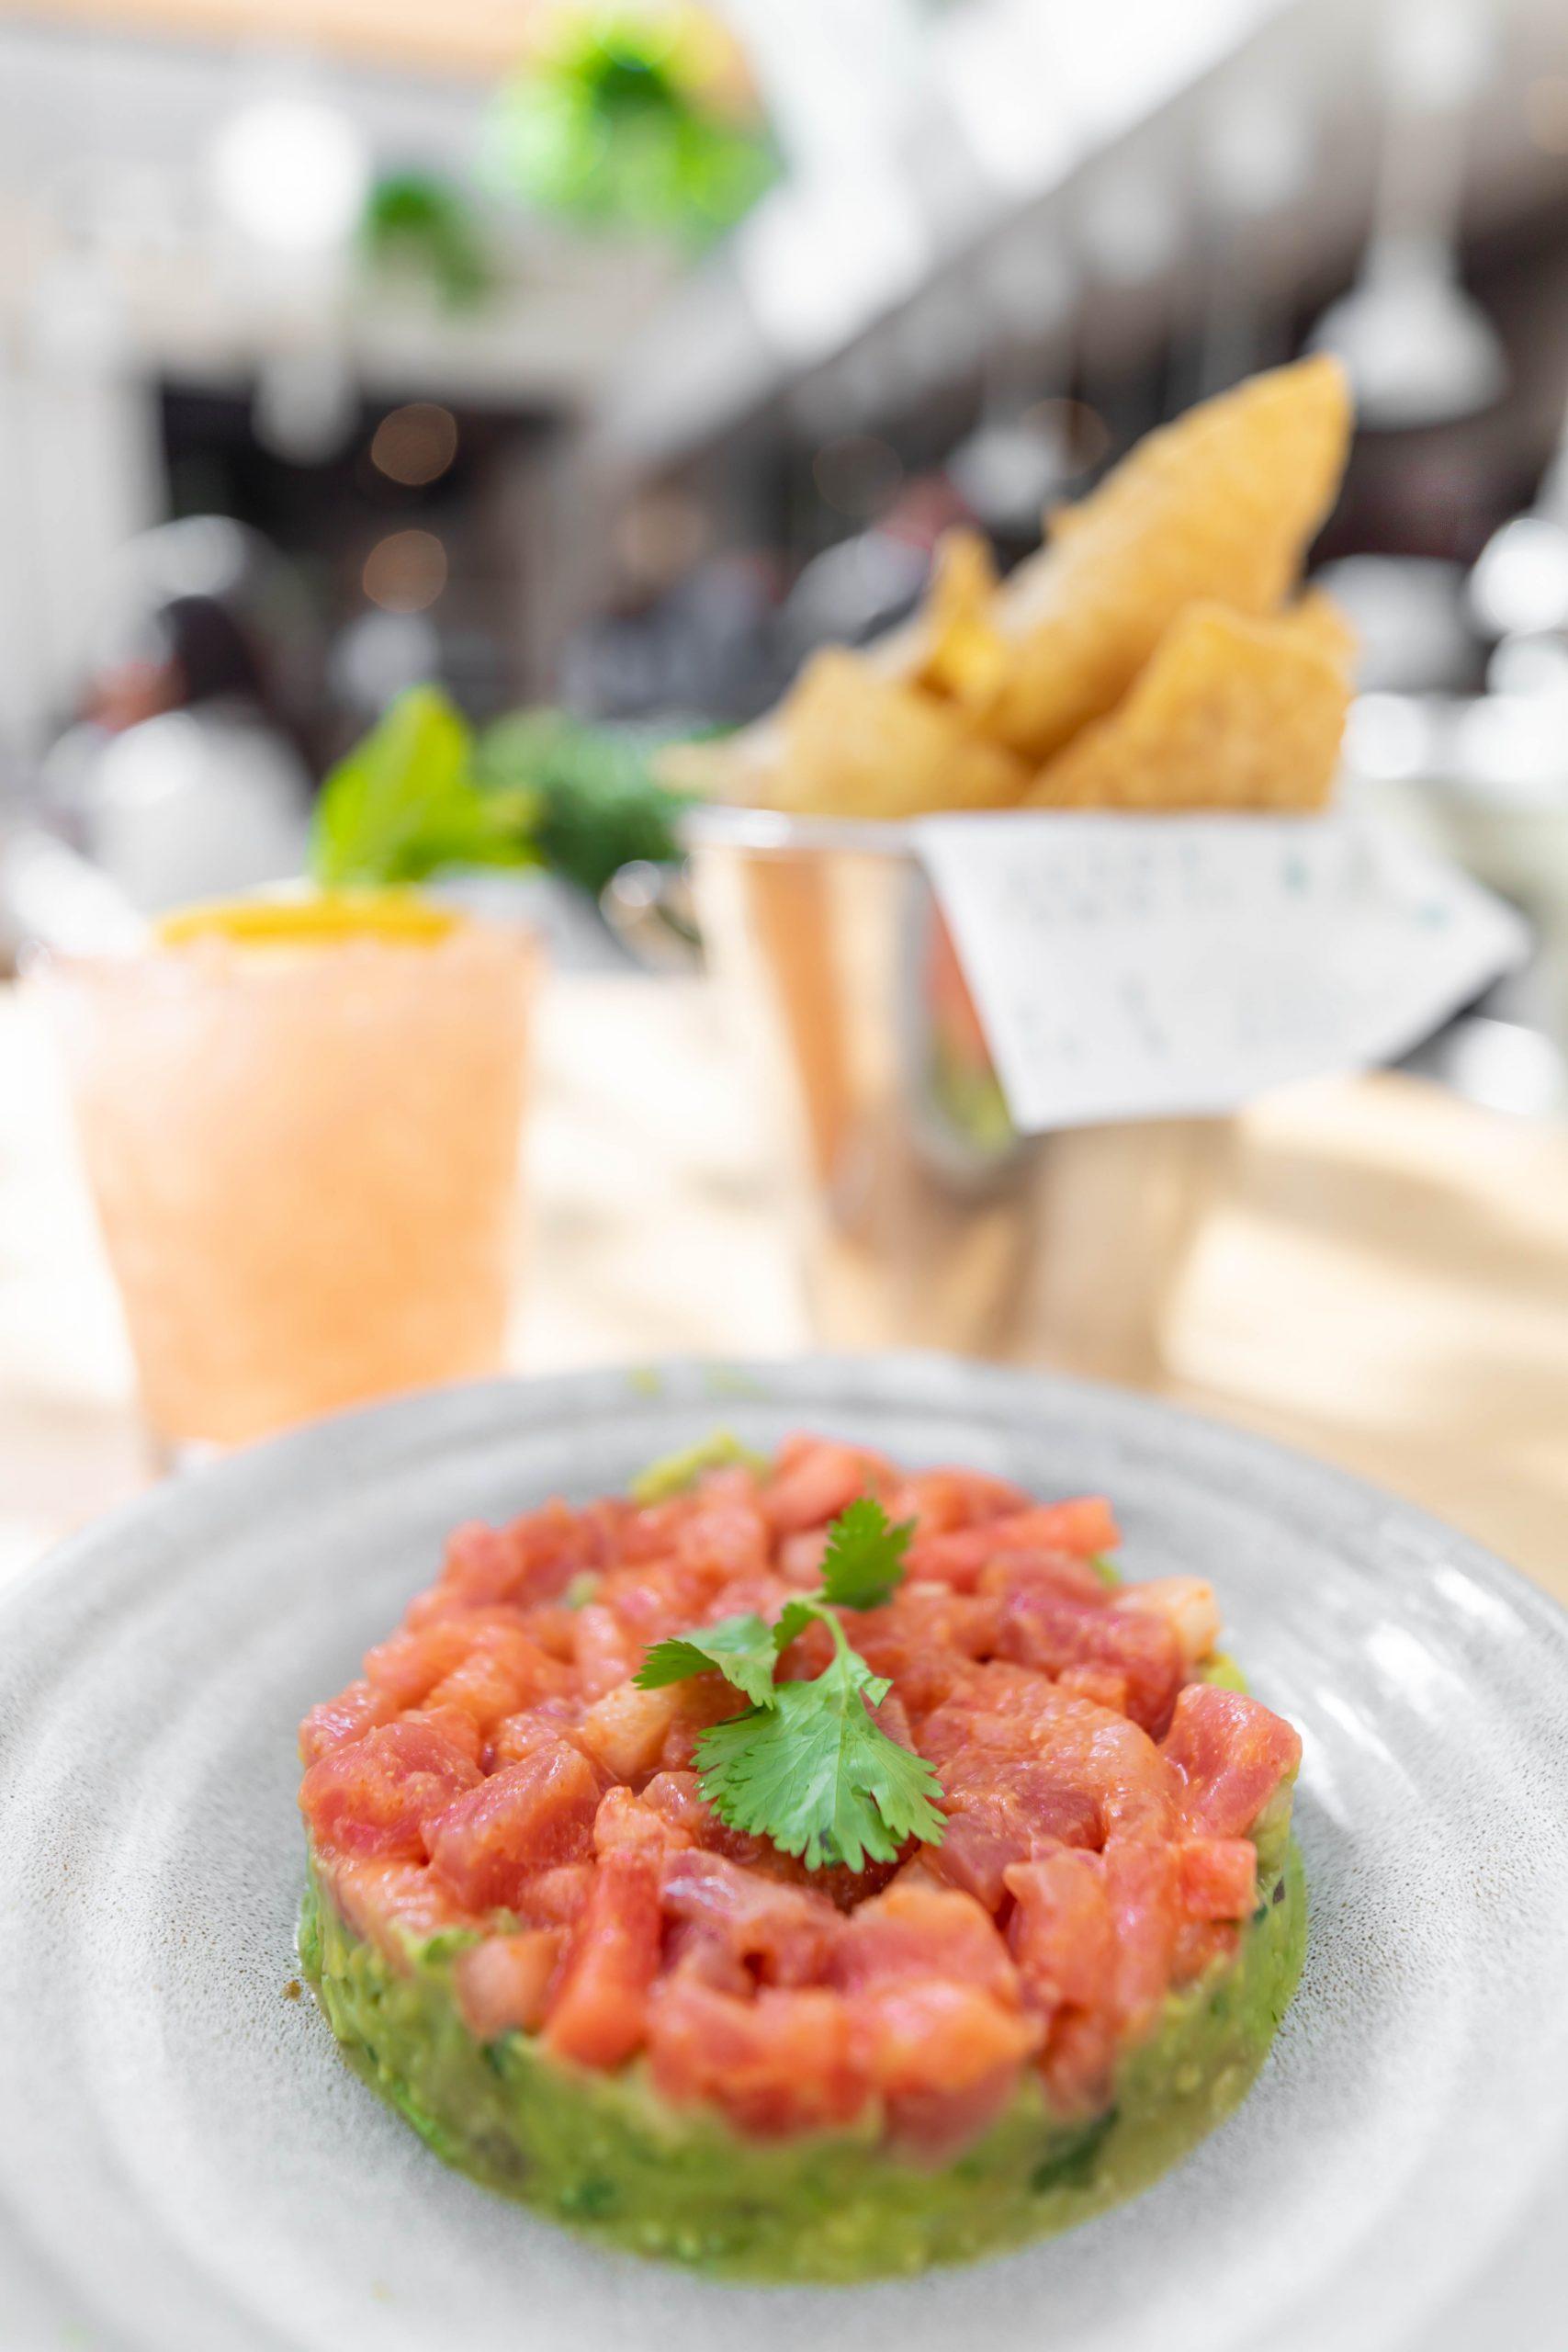 Tuna and Watermelon Tartare Summer House Santa Monica Vegan Friendly Gluten Free Restaurant in Chicago, Illinois Gold Coast by Annie Fairfax